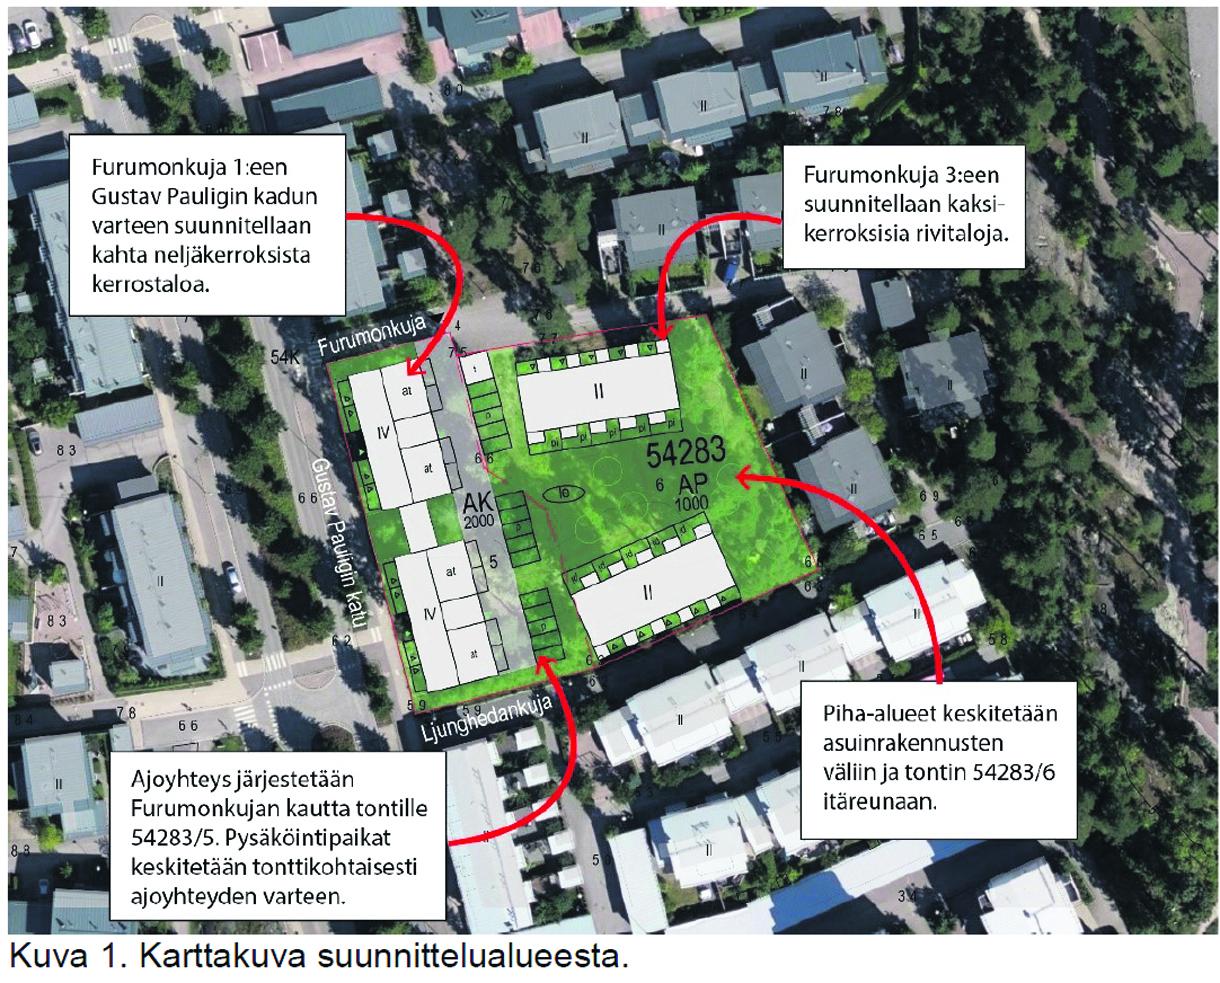 Gustav Pauligin kadun varteen Furumonkuja 1:een suunnitellaan kahta nelikerroksista kerrostaloa ja Furumonkuja 3:een kahta kaksikerroksista rivitaloa.               Kuva: Kaupunkiympäristön toimiala